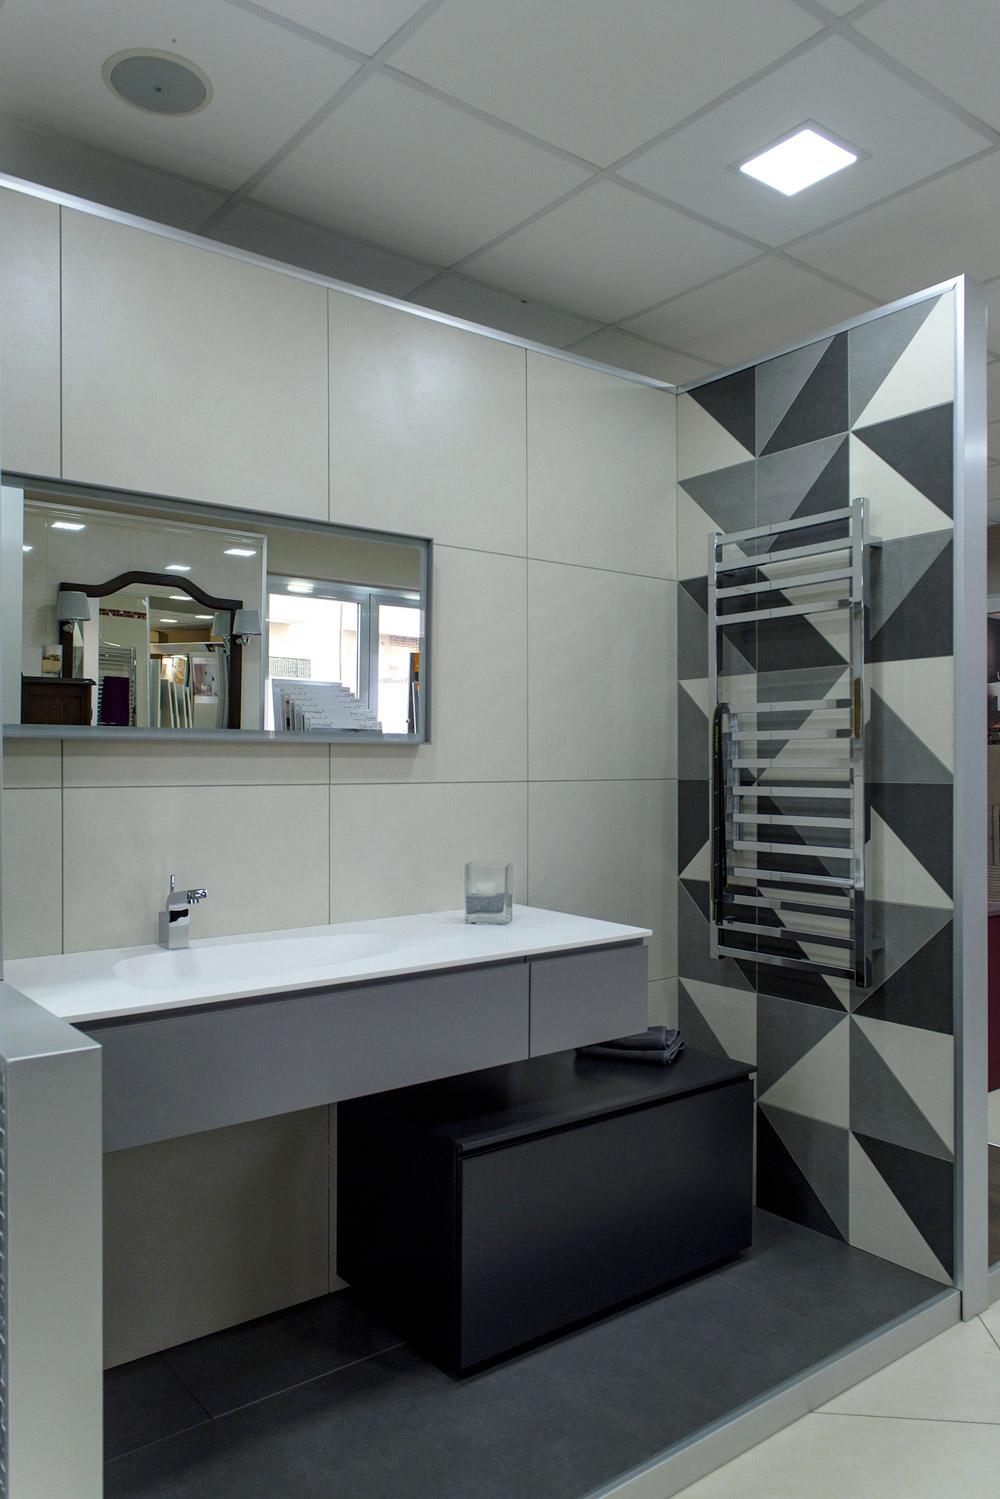 Showroom-miroma-ceramiche-arredobagno-aversa-caserta-napoli-29